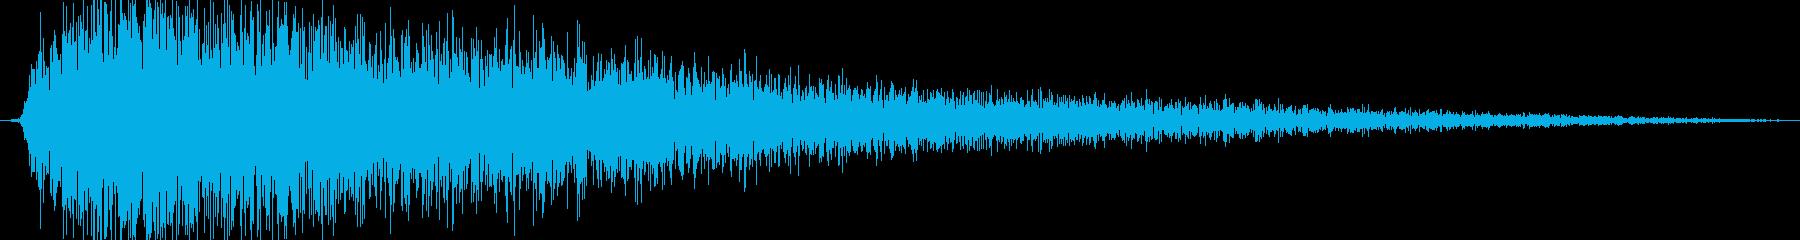 プシュー(金属系効果音)の再生済みの波形